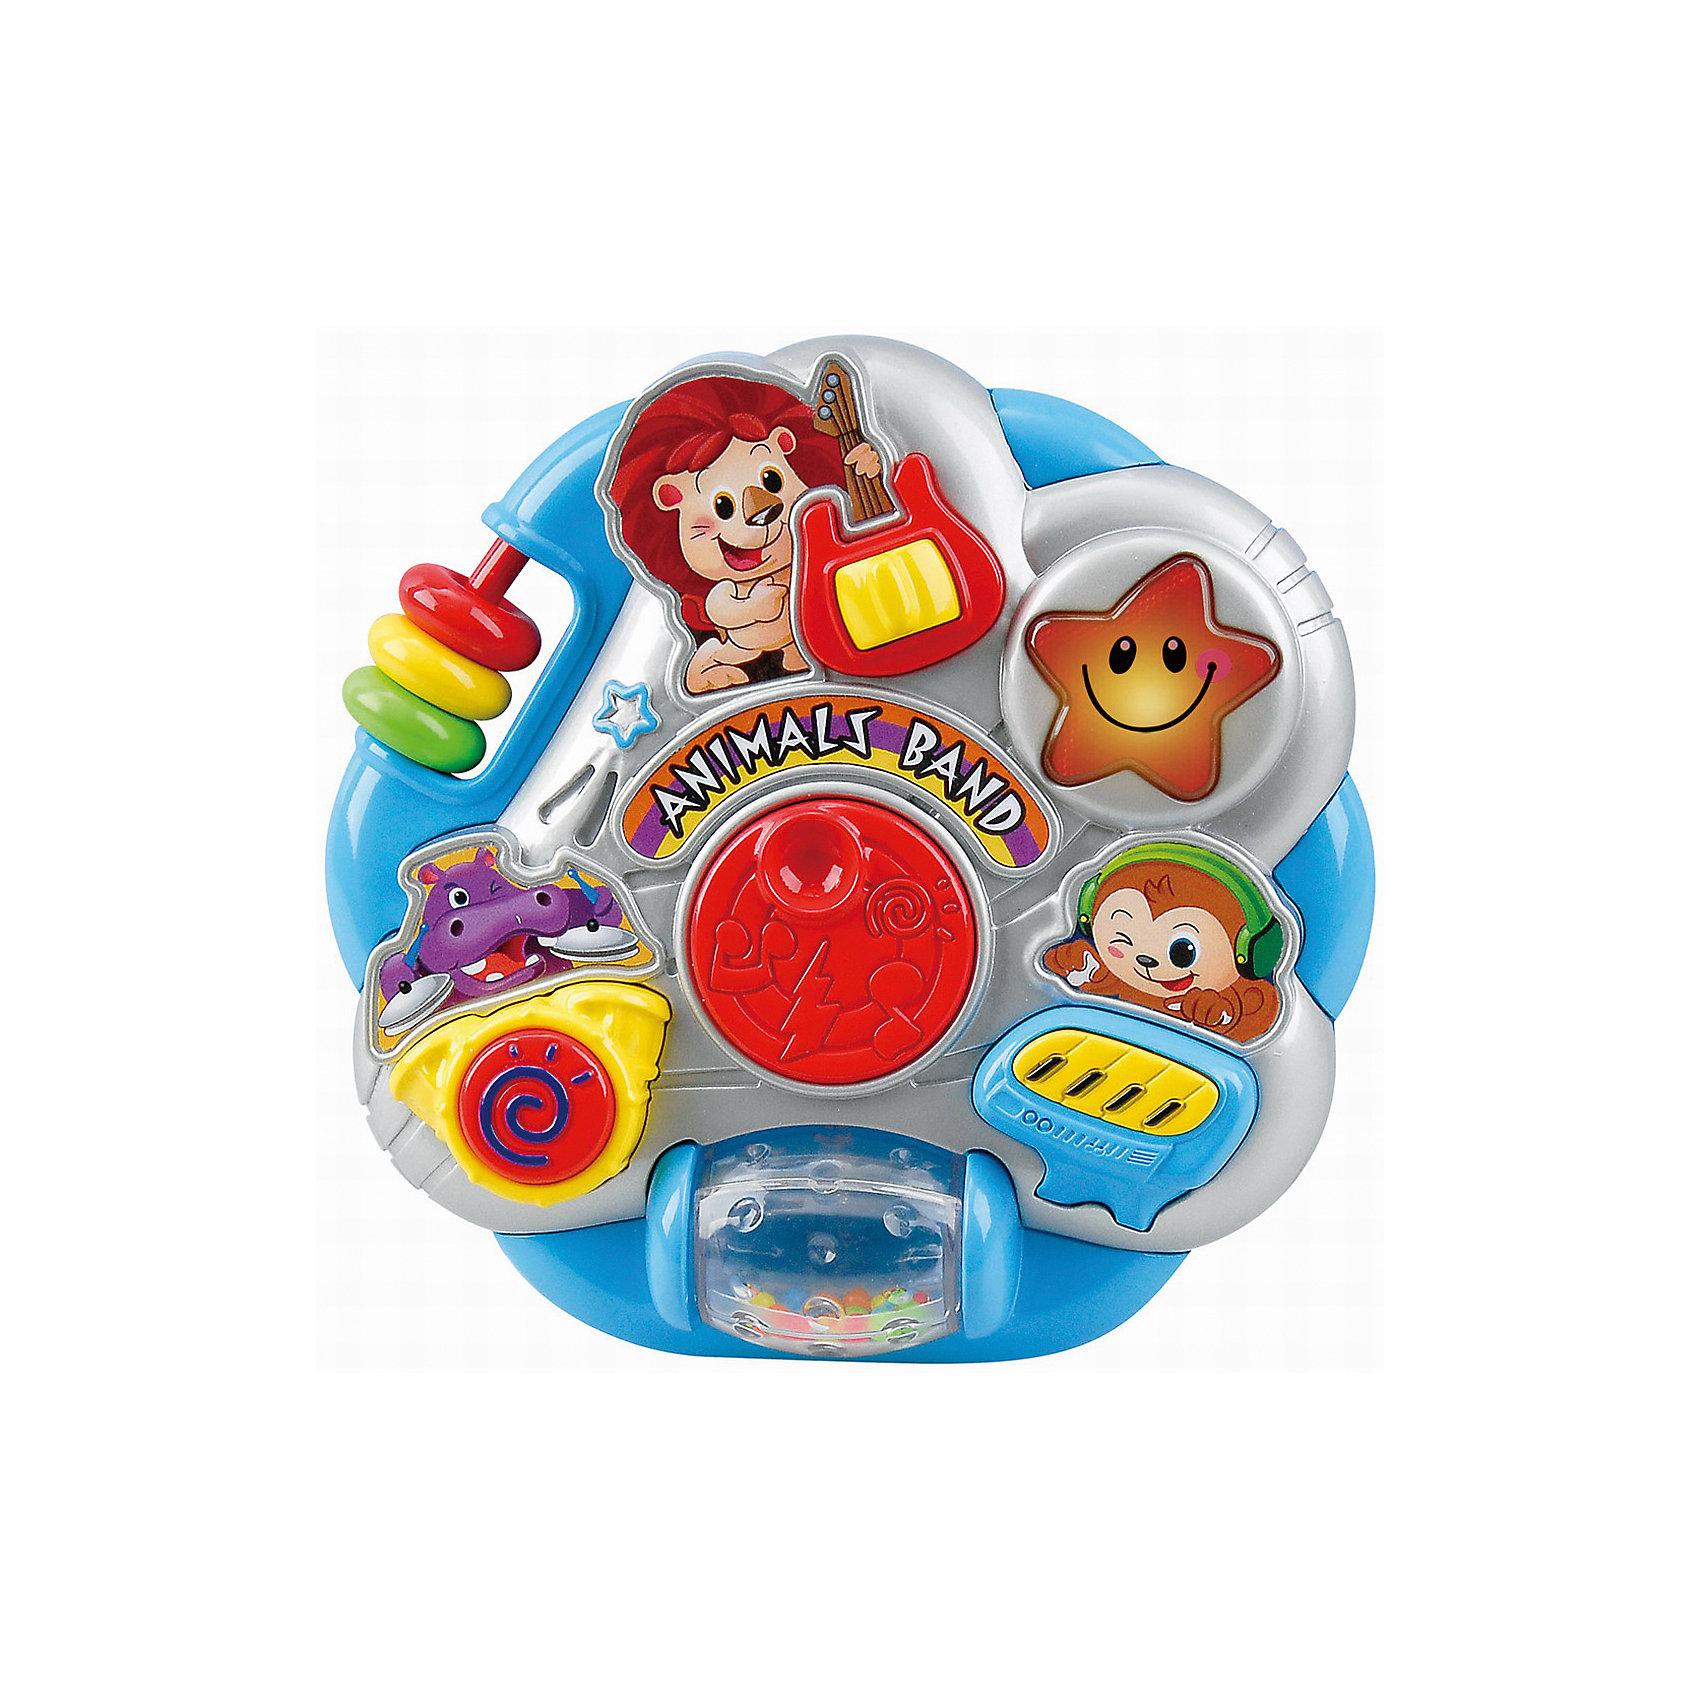 Развивающая игрушка Оркестр с животными, PlaygoРазвивающая игрушка Оркестр с животными, Playgo<br><br>Характеристики:<br><br>- Материал: пластик<br>- В комплект входит: игрушка, батарейки 2шт. <br>- Элементы питания: батарейки АА<br>- Размер упаковки: 34 * 20 * 2 см.<br>- Вес: 384 гр.<br><br>Оркестр с животными от известного китайского бренда развивающих игрушек для детей Playgo (Плейго) станет прекрасным подарком для крохи. Львенок, бегемотик, обезьянка и звездочка решили создать свою музыкальную группу, но они не смогут хорошо играть без помощи малыша. В группе есть гитарист, клавишник и барабанщик, ребенку нужно нажимать на кнопки, чтобы помочь им играть. Кроме того, на пластиковой игрушке имеется крутящийся барабан и двигающиеся цветные колечки. Изготовленная из качественного пластика, яркая игрушка поможет развить тактильные ощущения, звуковое восприятие, воображение, световое восприятие и моторику ручек. Небольшой размер позволит брать веселую игрушку на прогулку или в поездку.<br><br>Развивающую игрушку Оркестр с животными, Playgo (Плейго) можно купить в нашем интернет-магазине.<br><br>Ширина мм: 210<br>Глубина мм: 200<br>Высота мм: 55<br>Вес г: 384<br>Возраст от месяцев: 6<br>Возраст до месяцев: 24<br>Пол: Унисекс<br>Возраст: Детский<br>SKU: 5054052